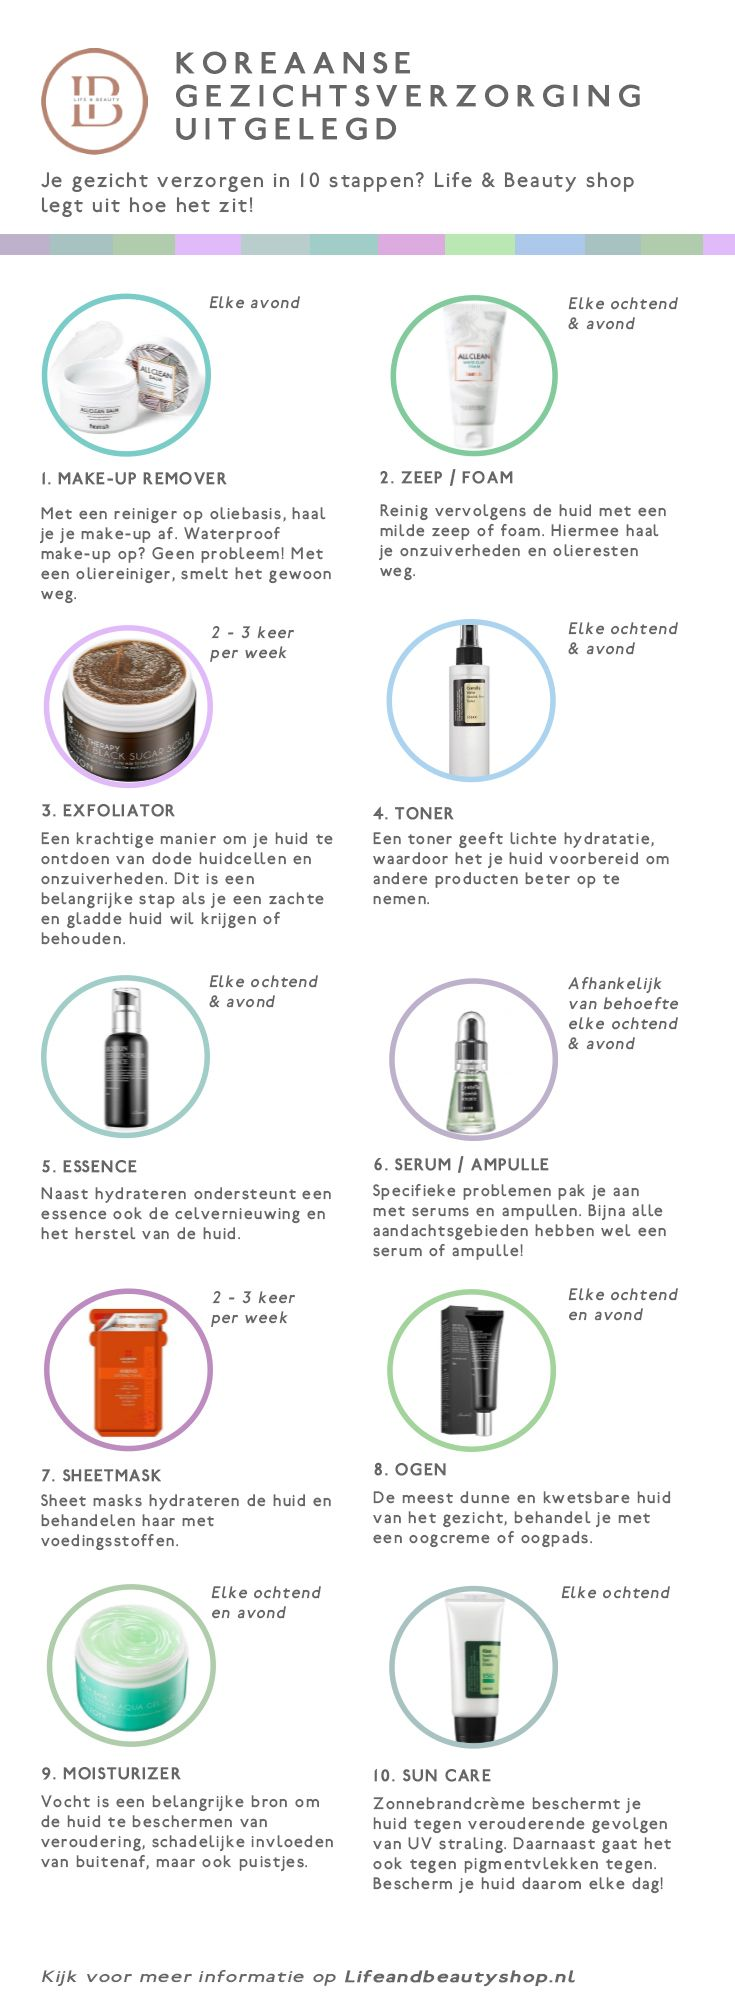 De 10-staps Koreaanse huidverzorging uitgelegd door Life and Beauty shop: alles wat je altijd al hebt willen weten!